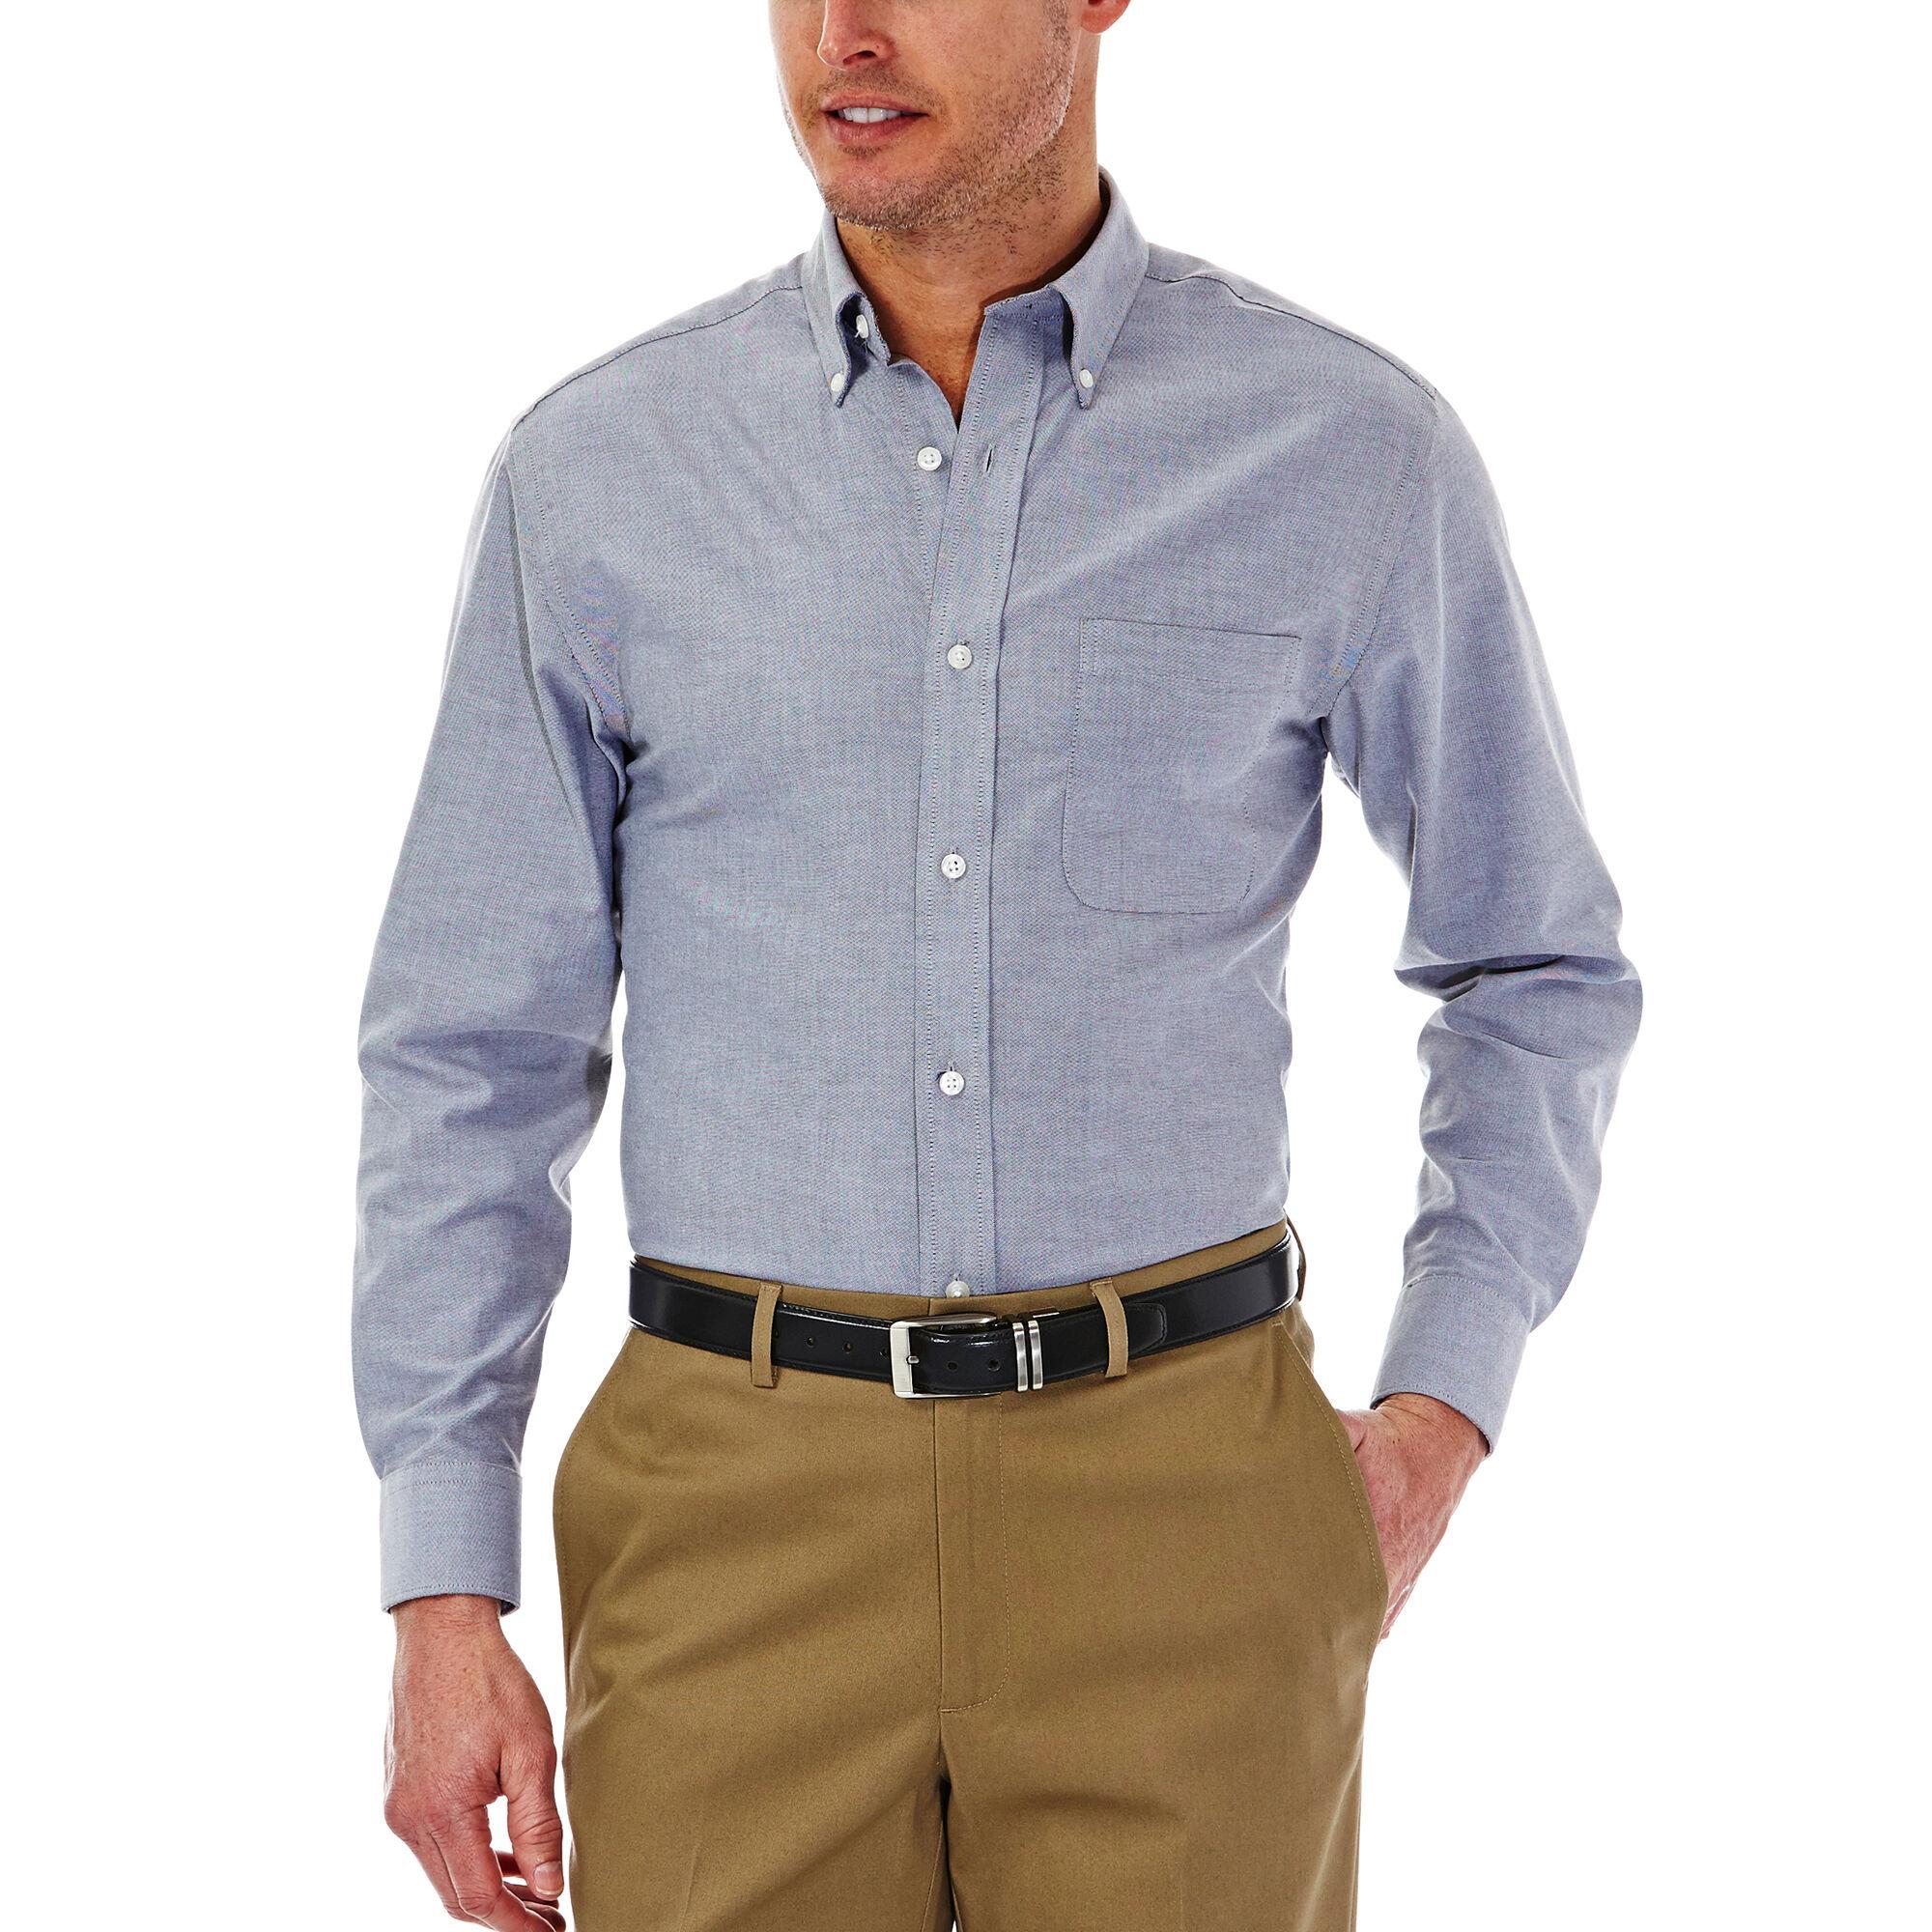 c9b33f88de57 Solid Oxford Dress Shirt,